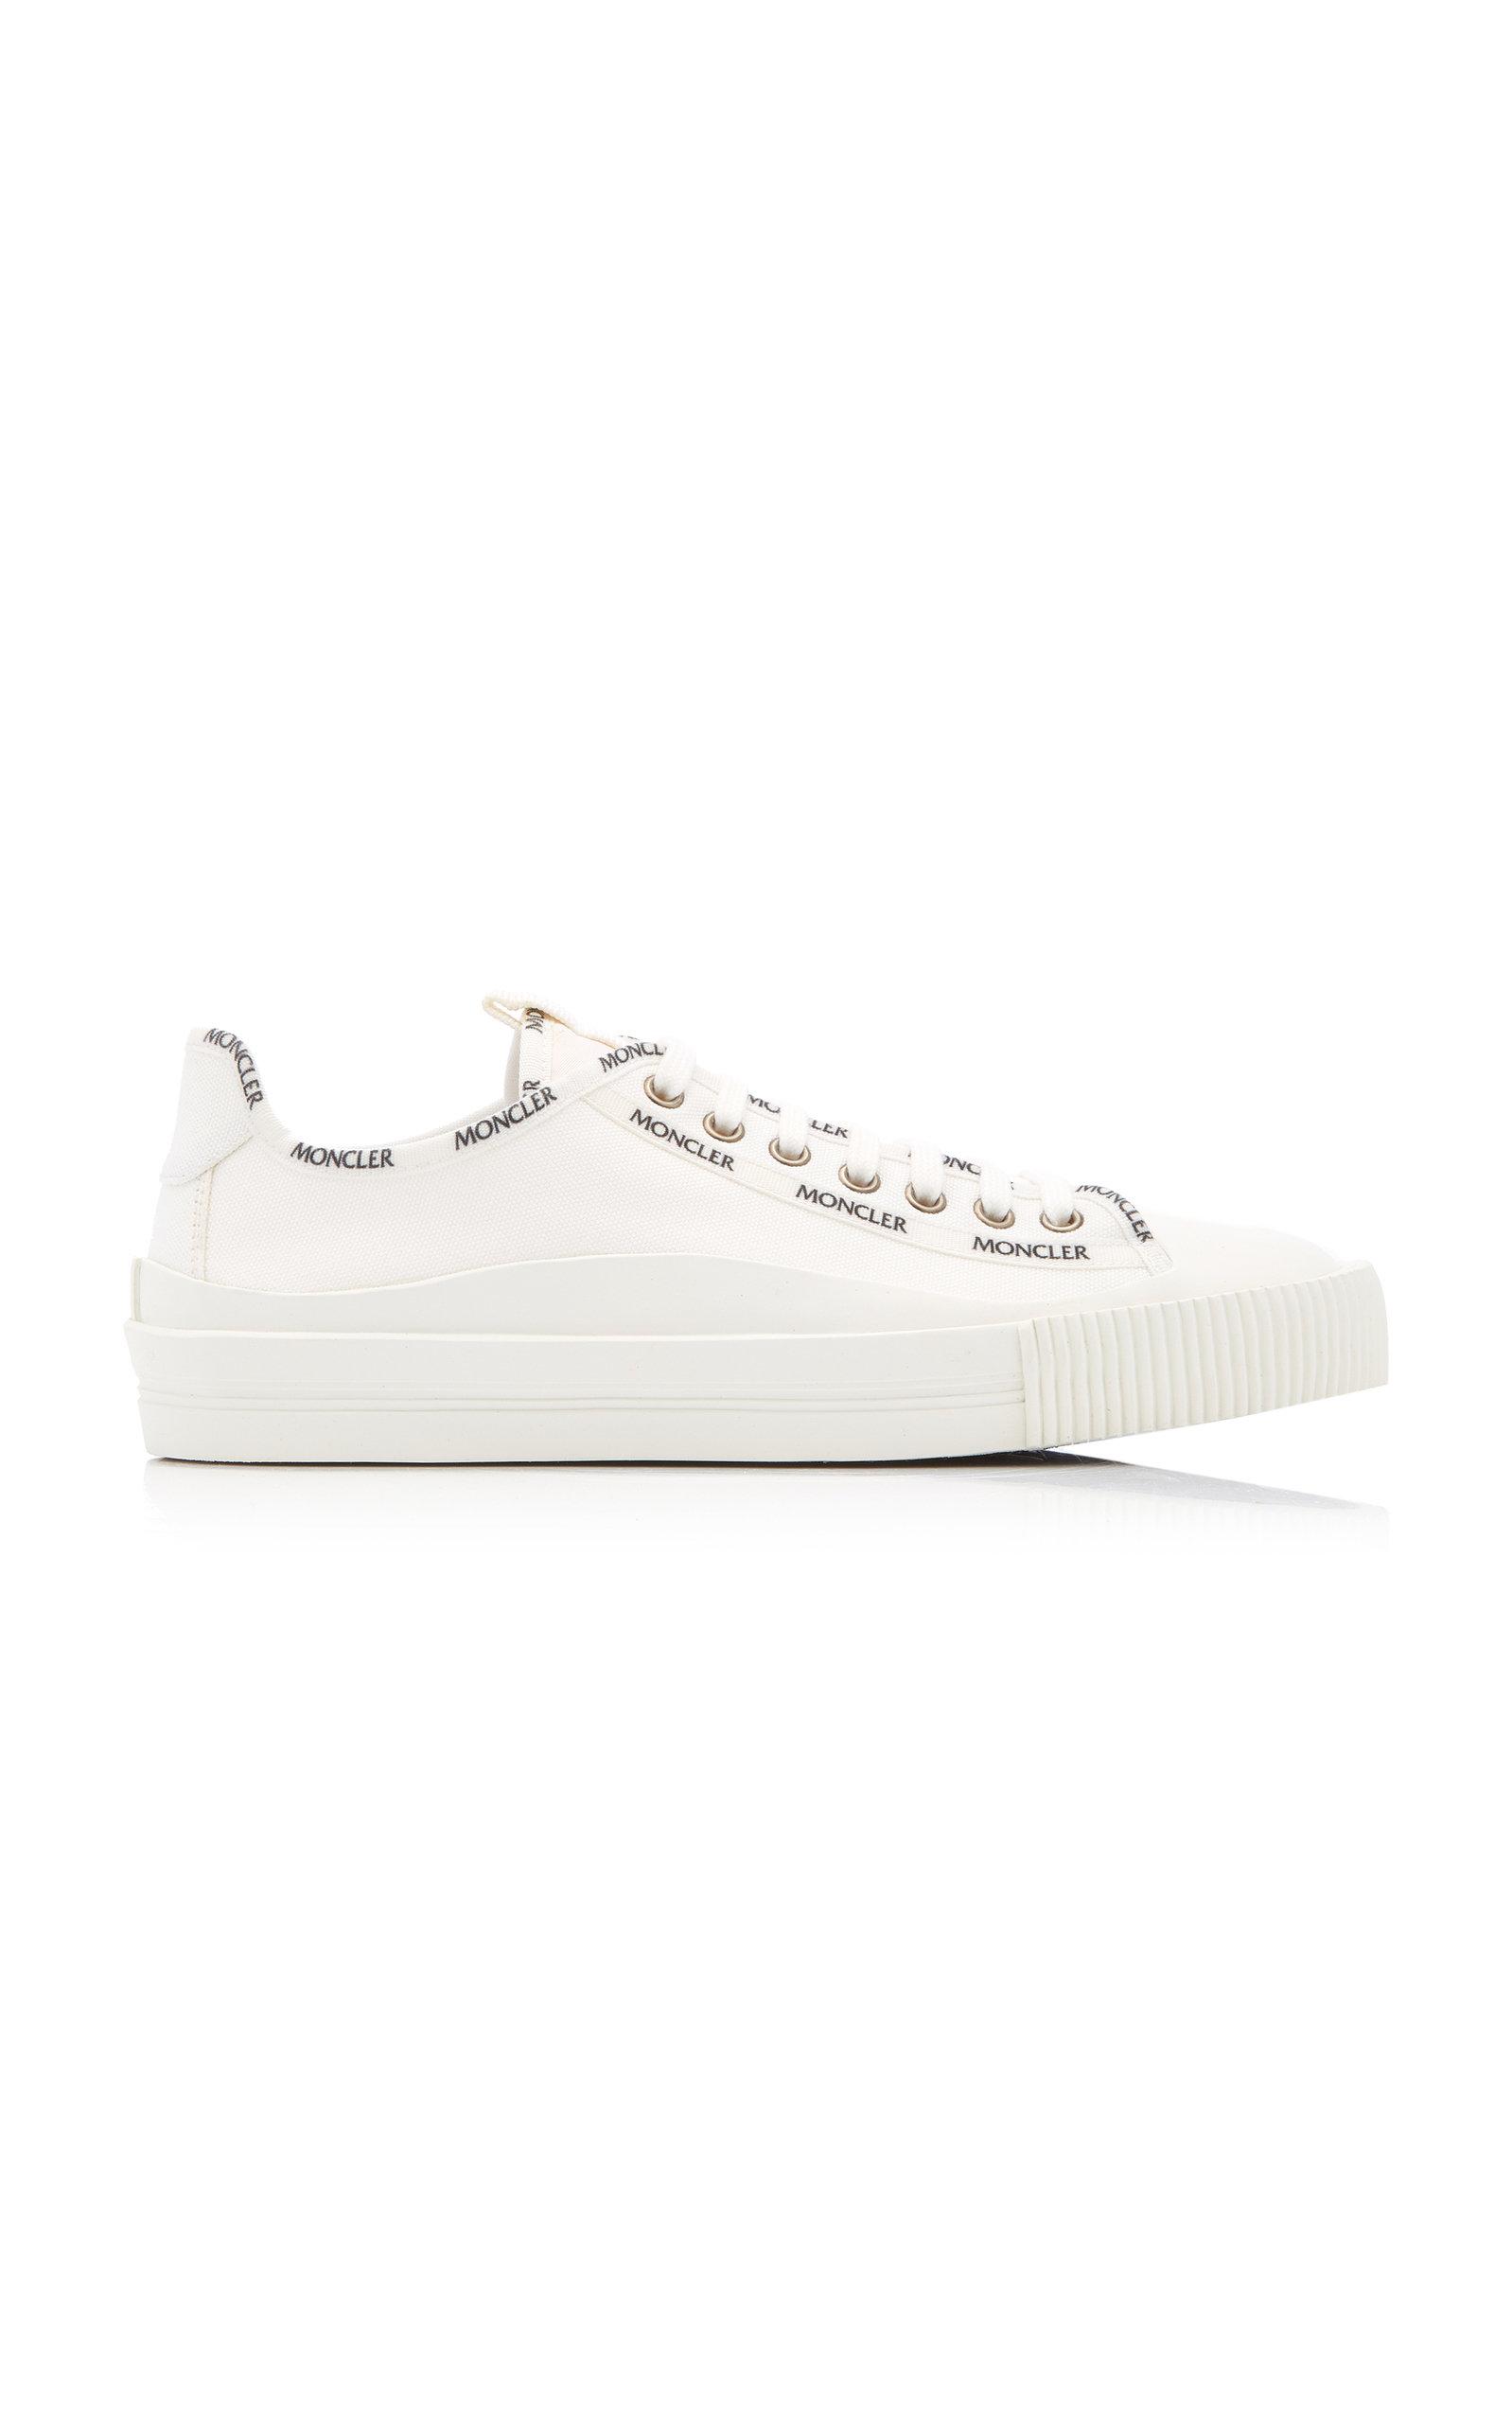 Moncler - Women's Logo-Print Cotton-Canvas Low-Top Sneakers - White - Moda Operandi